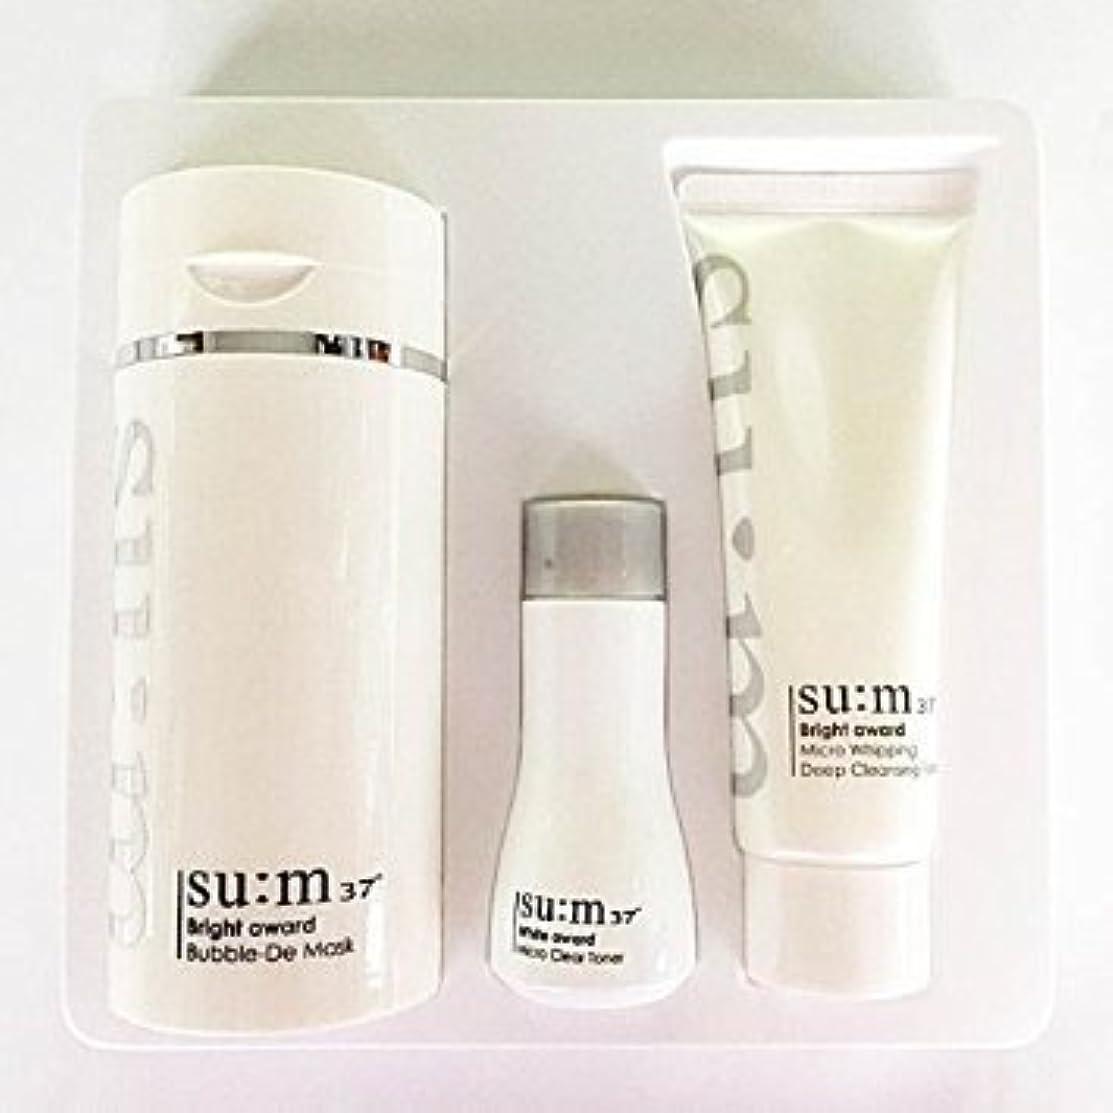 別れる不可能な有力者Su:m37°(スム37) Su:m 37 White Bright Award Bubble-De Mask Special Set 企画セット [並行輸入品]